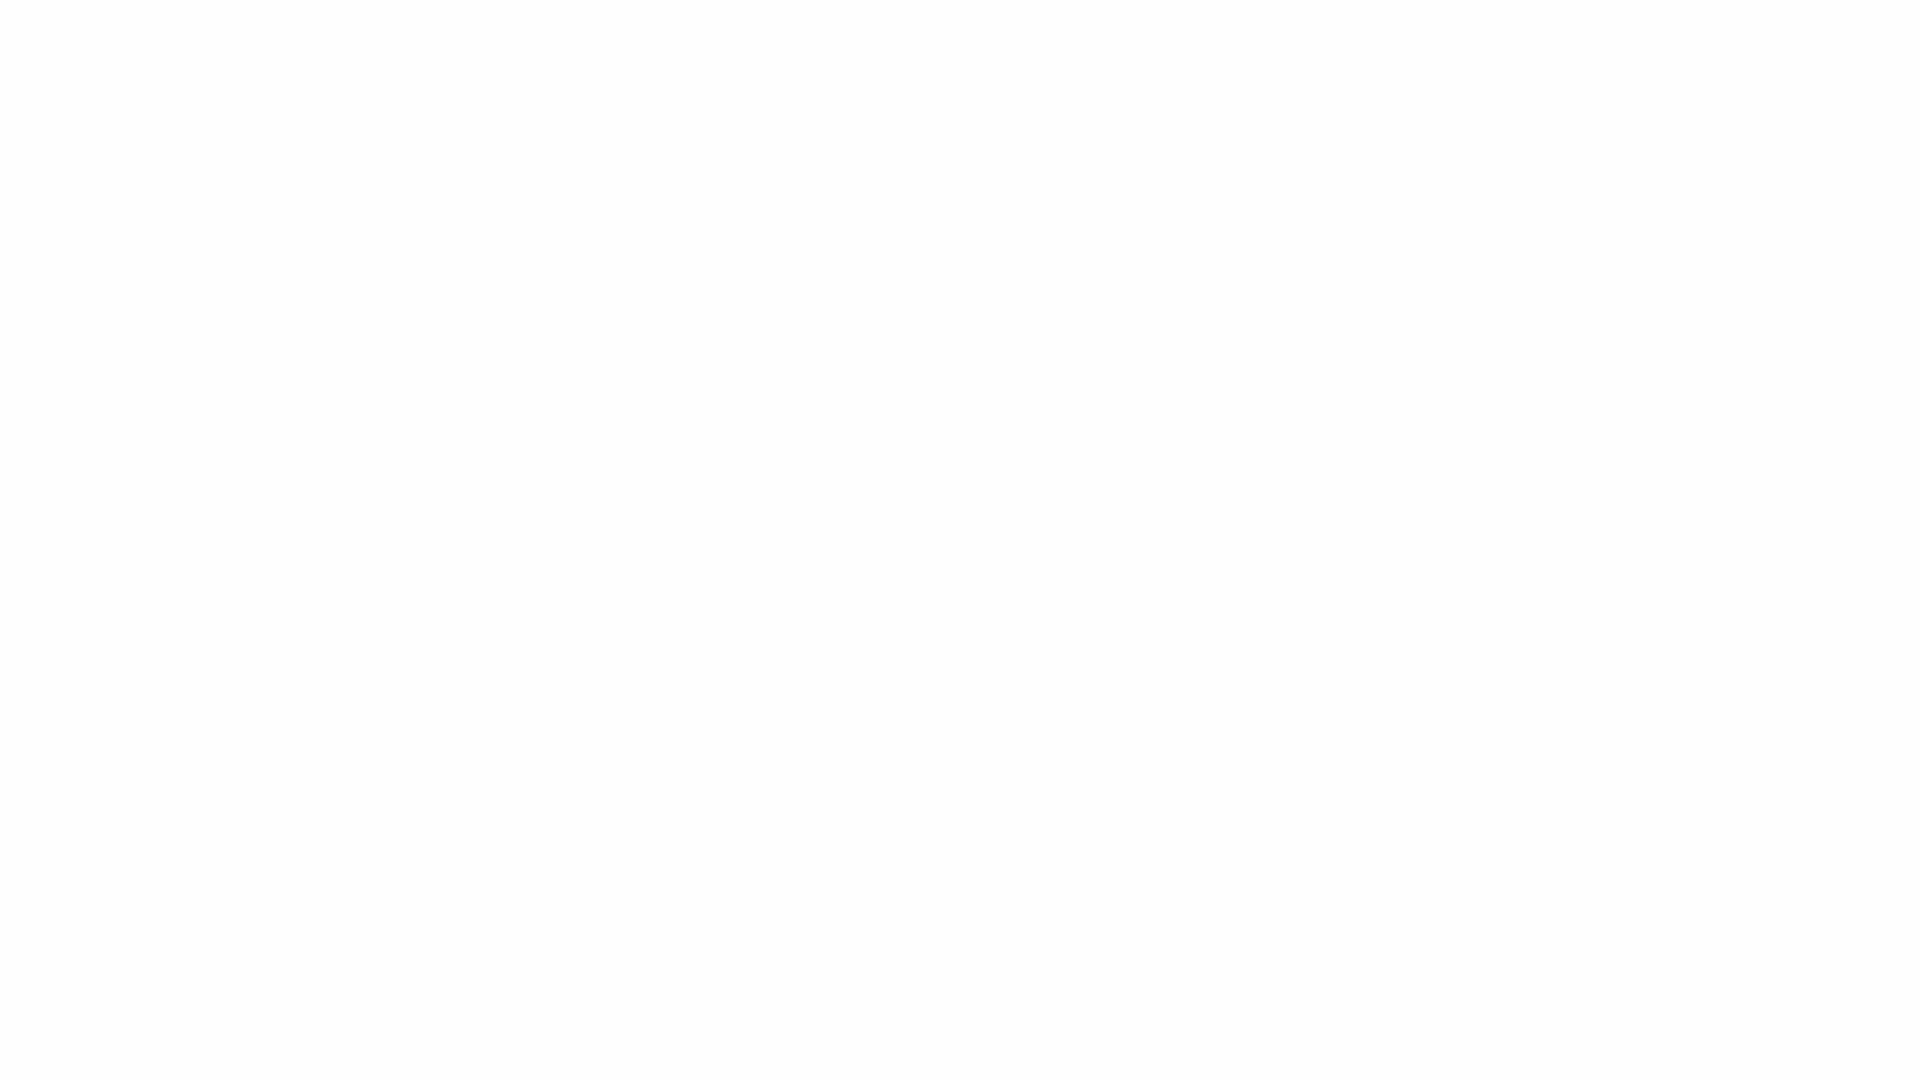 เครื่องรับและเครื่องรับสัญญาณบลูทูธ Amazon ผู้ขายที่ดีที่สุด Optical Toslink 3.5 มม. ไร้สายสำหรับทีวีระบบสเตอริโอ Aptx